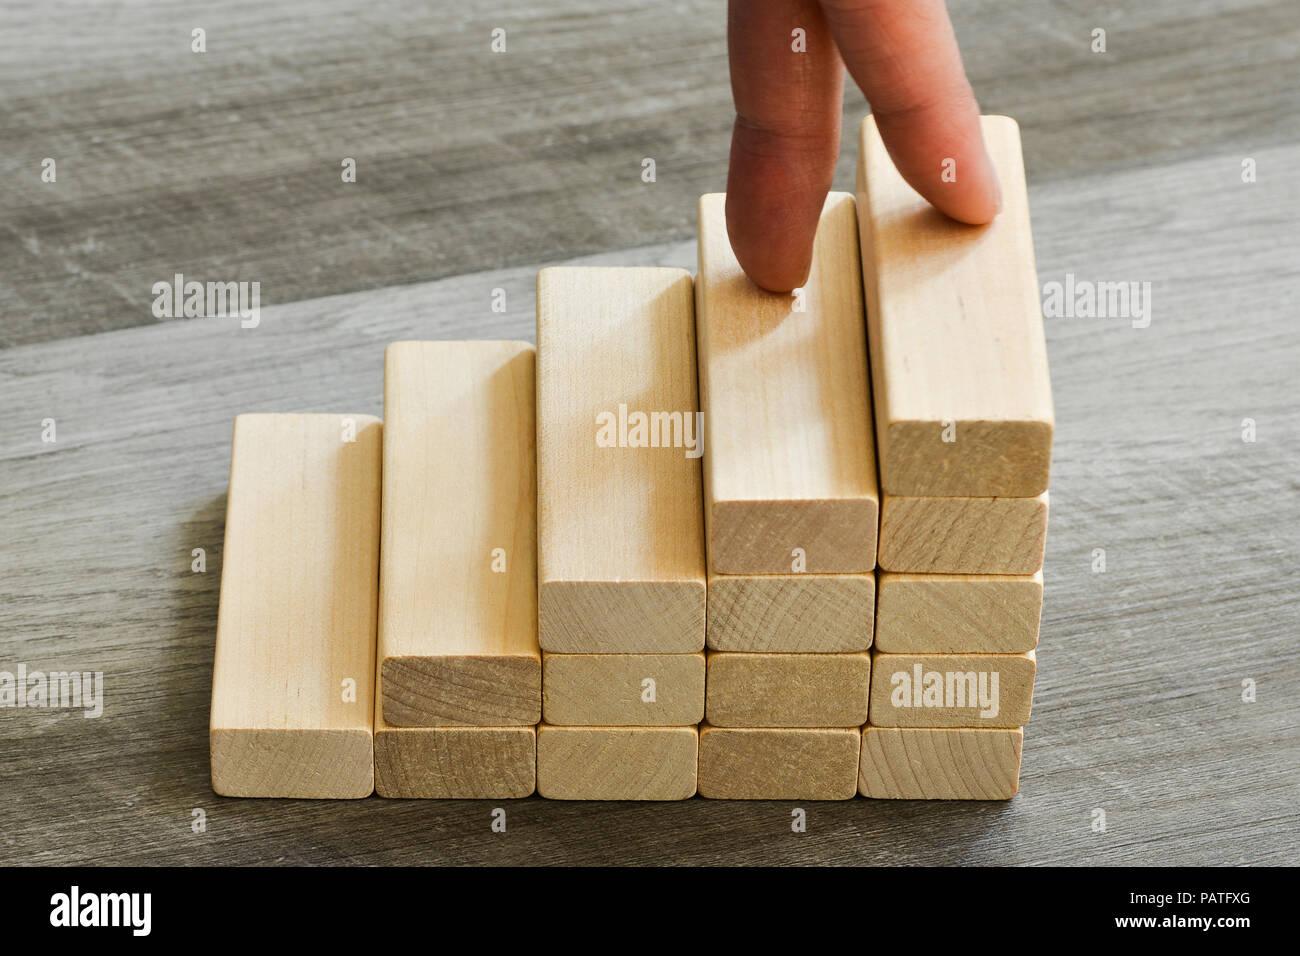 Les doigts jusqu'à l'escalade de haut sur l'escalier en bois - Concept de réussite Photo Stock